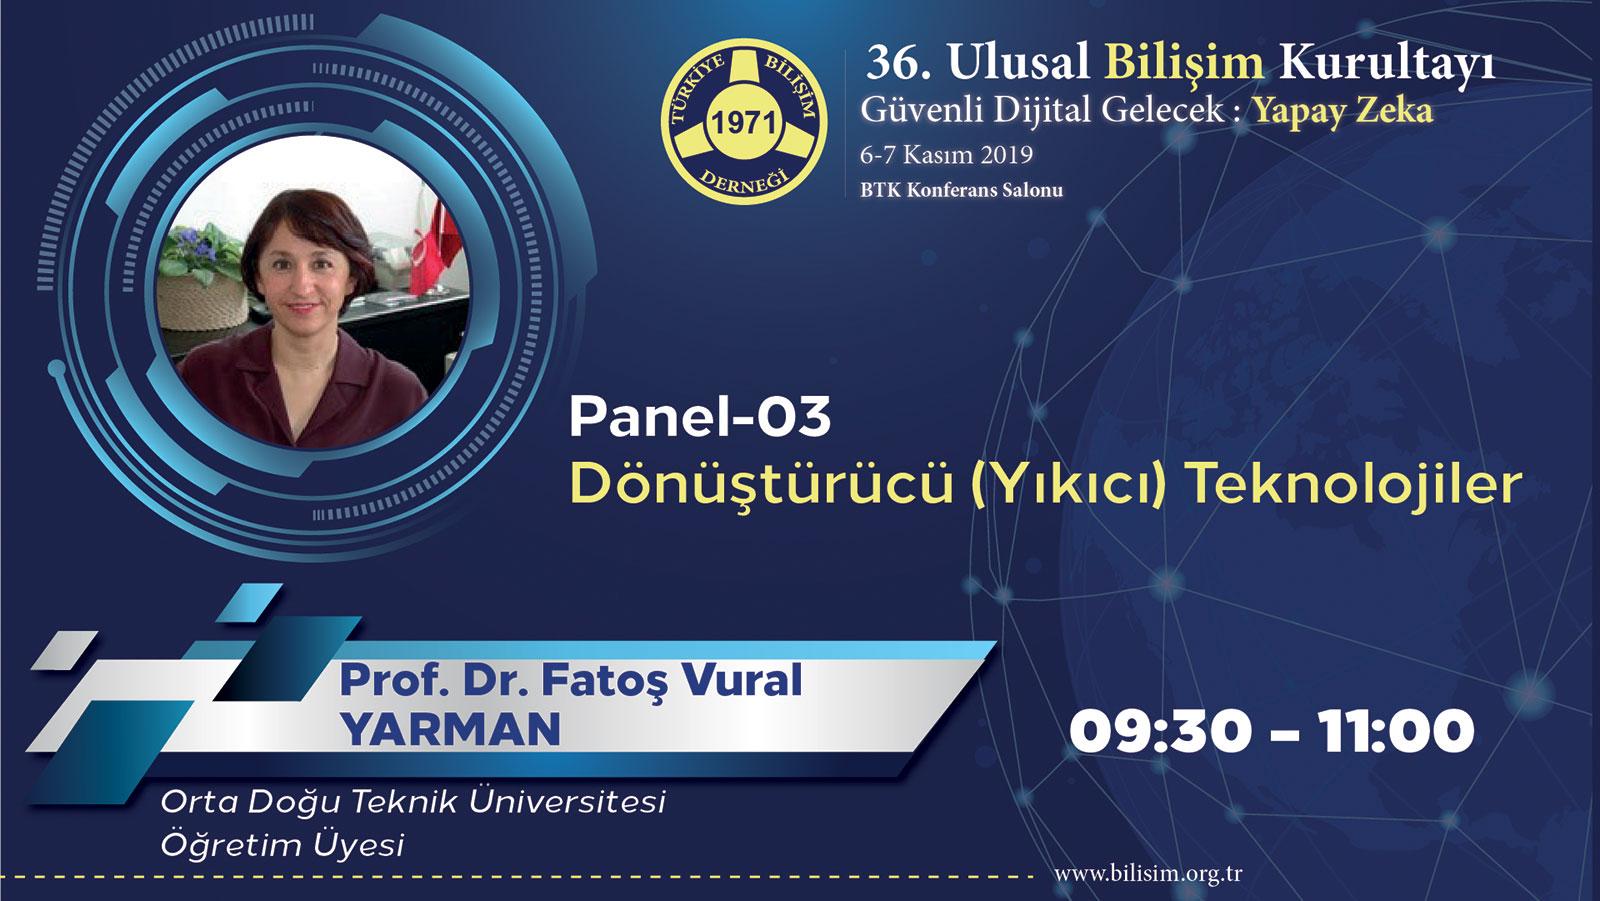 Fatoş Vural YARMAN - 36. Ulusal Bilişim Kurultayı